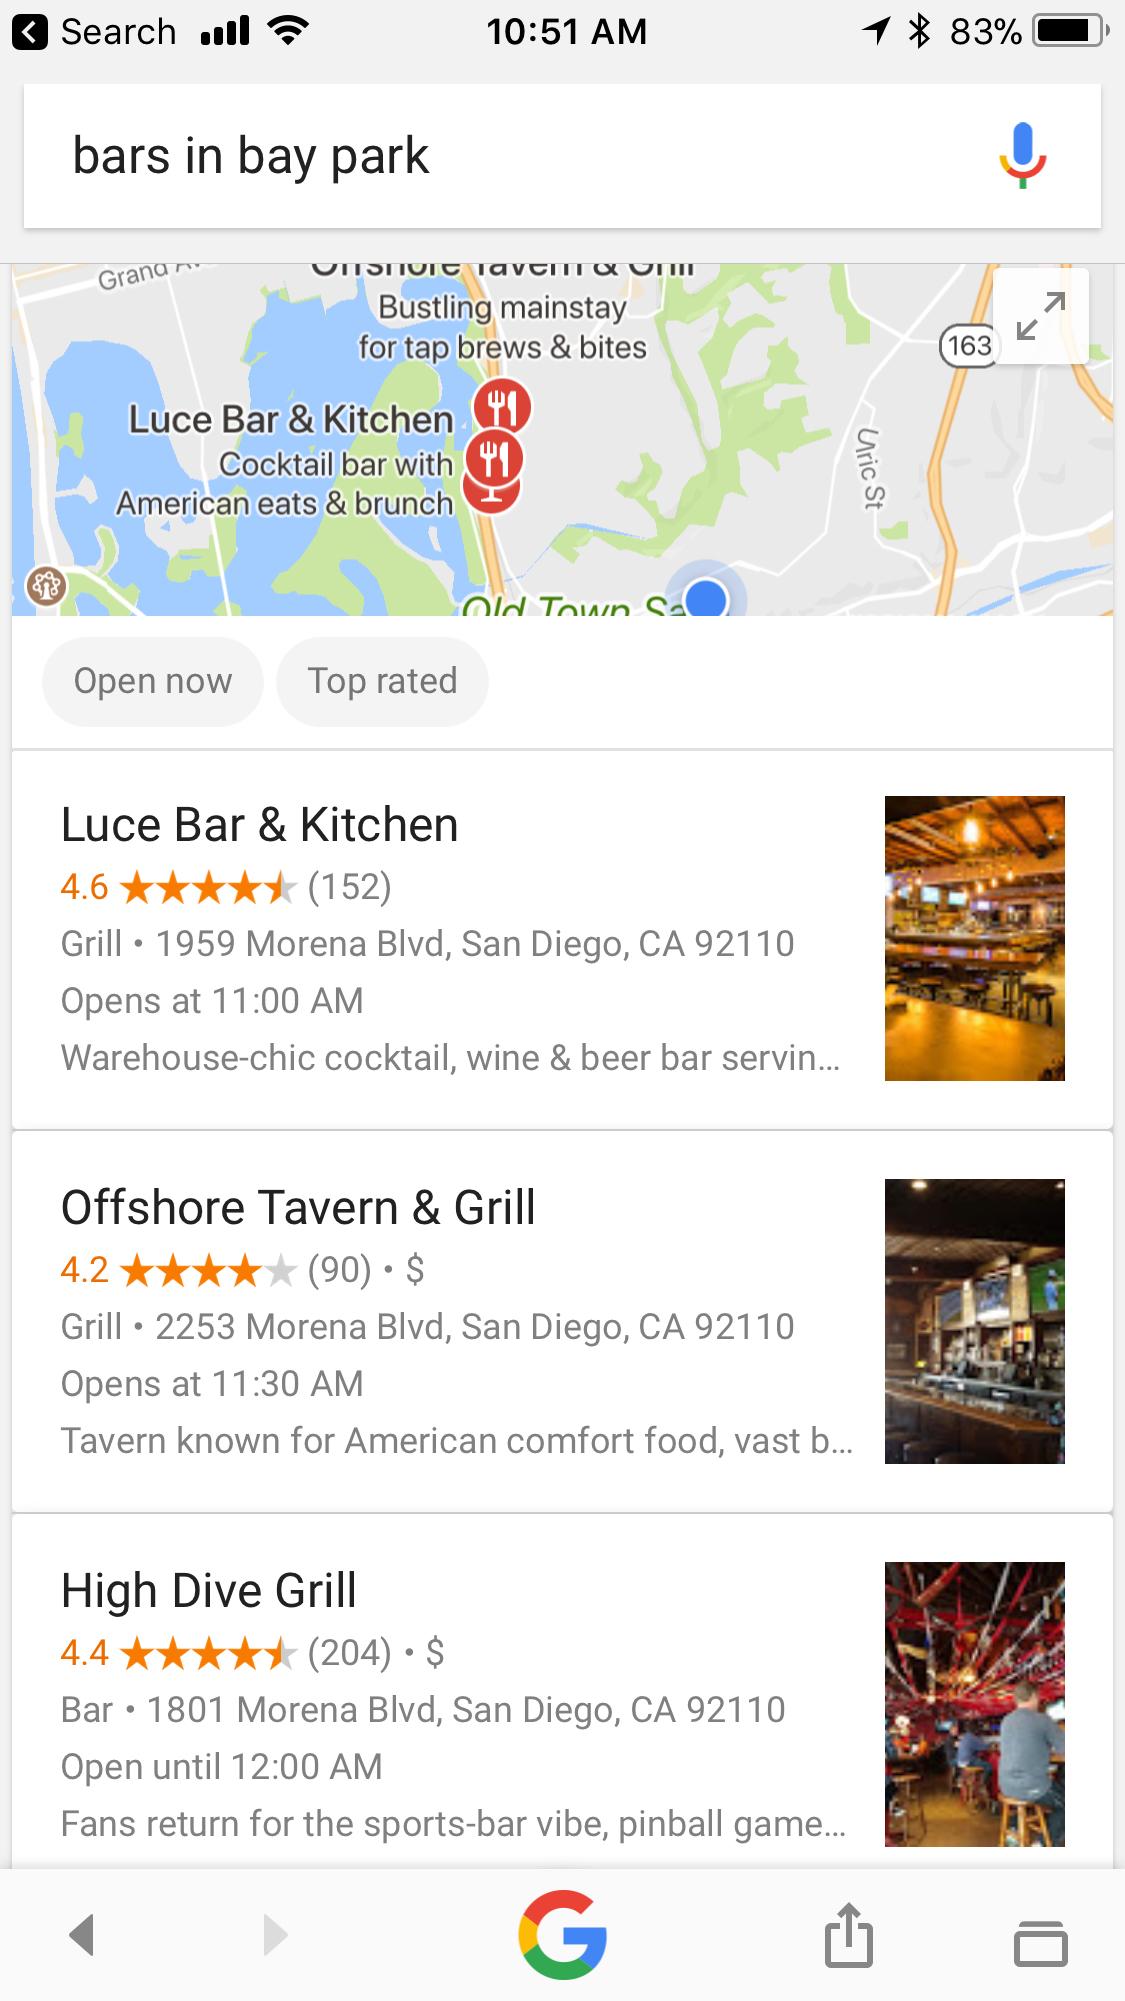 googlesearchscreenshot.jpeg